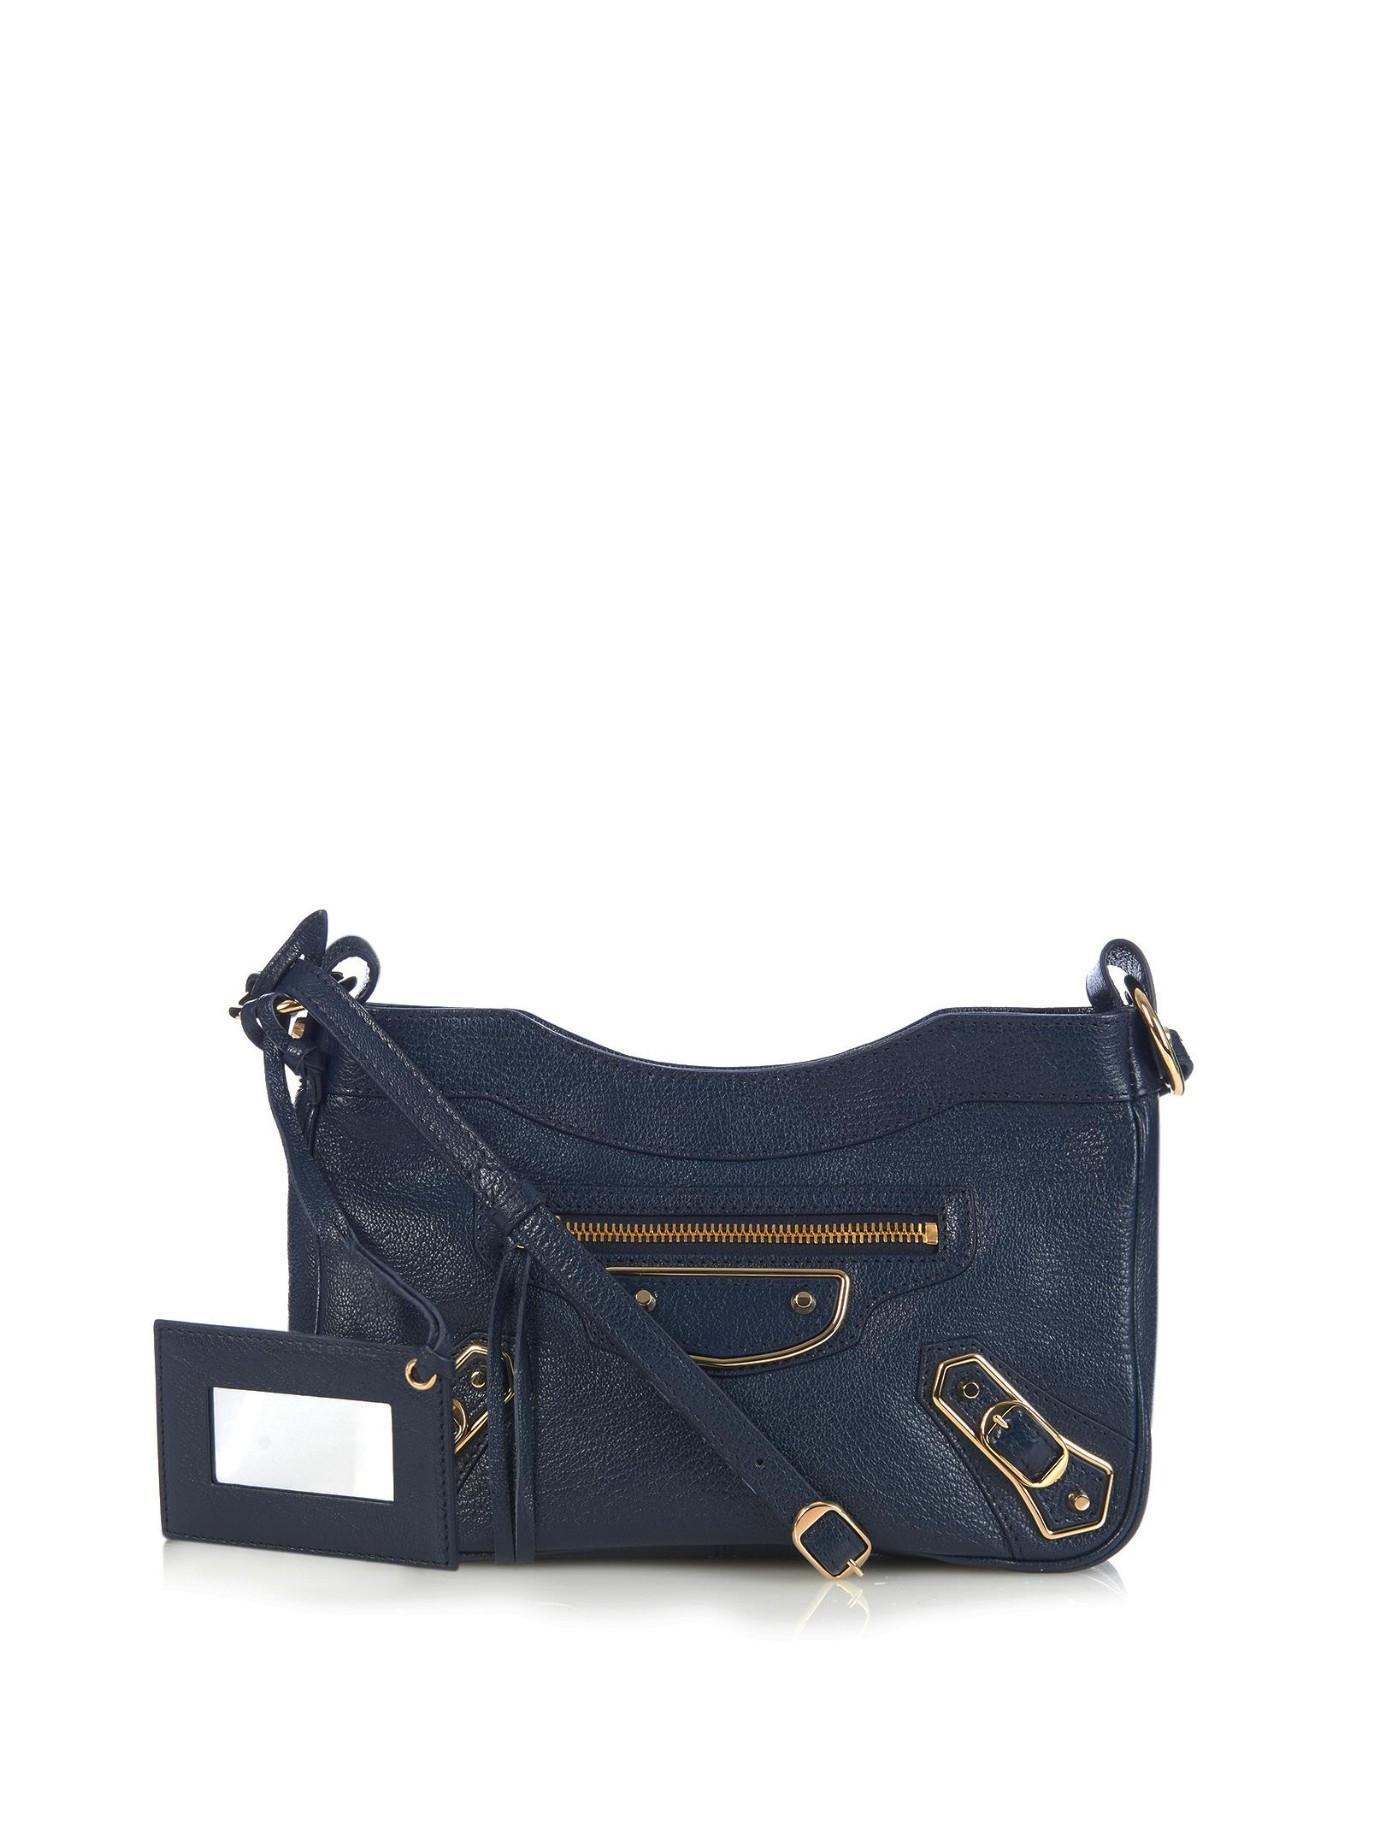 84807c52e7 Balenciaga Metallic-Edge Hip Cross-Body Bag in Blue - Lyst